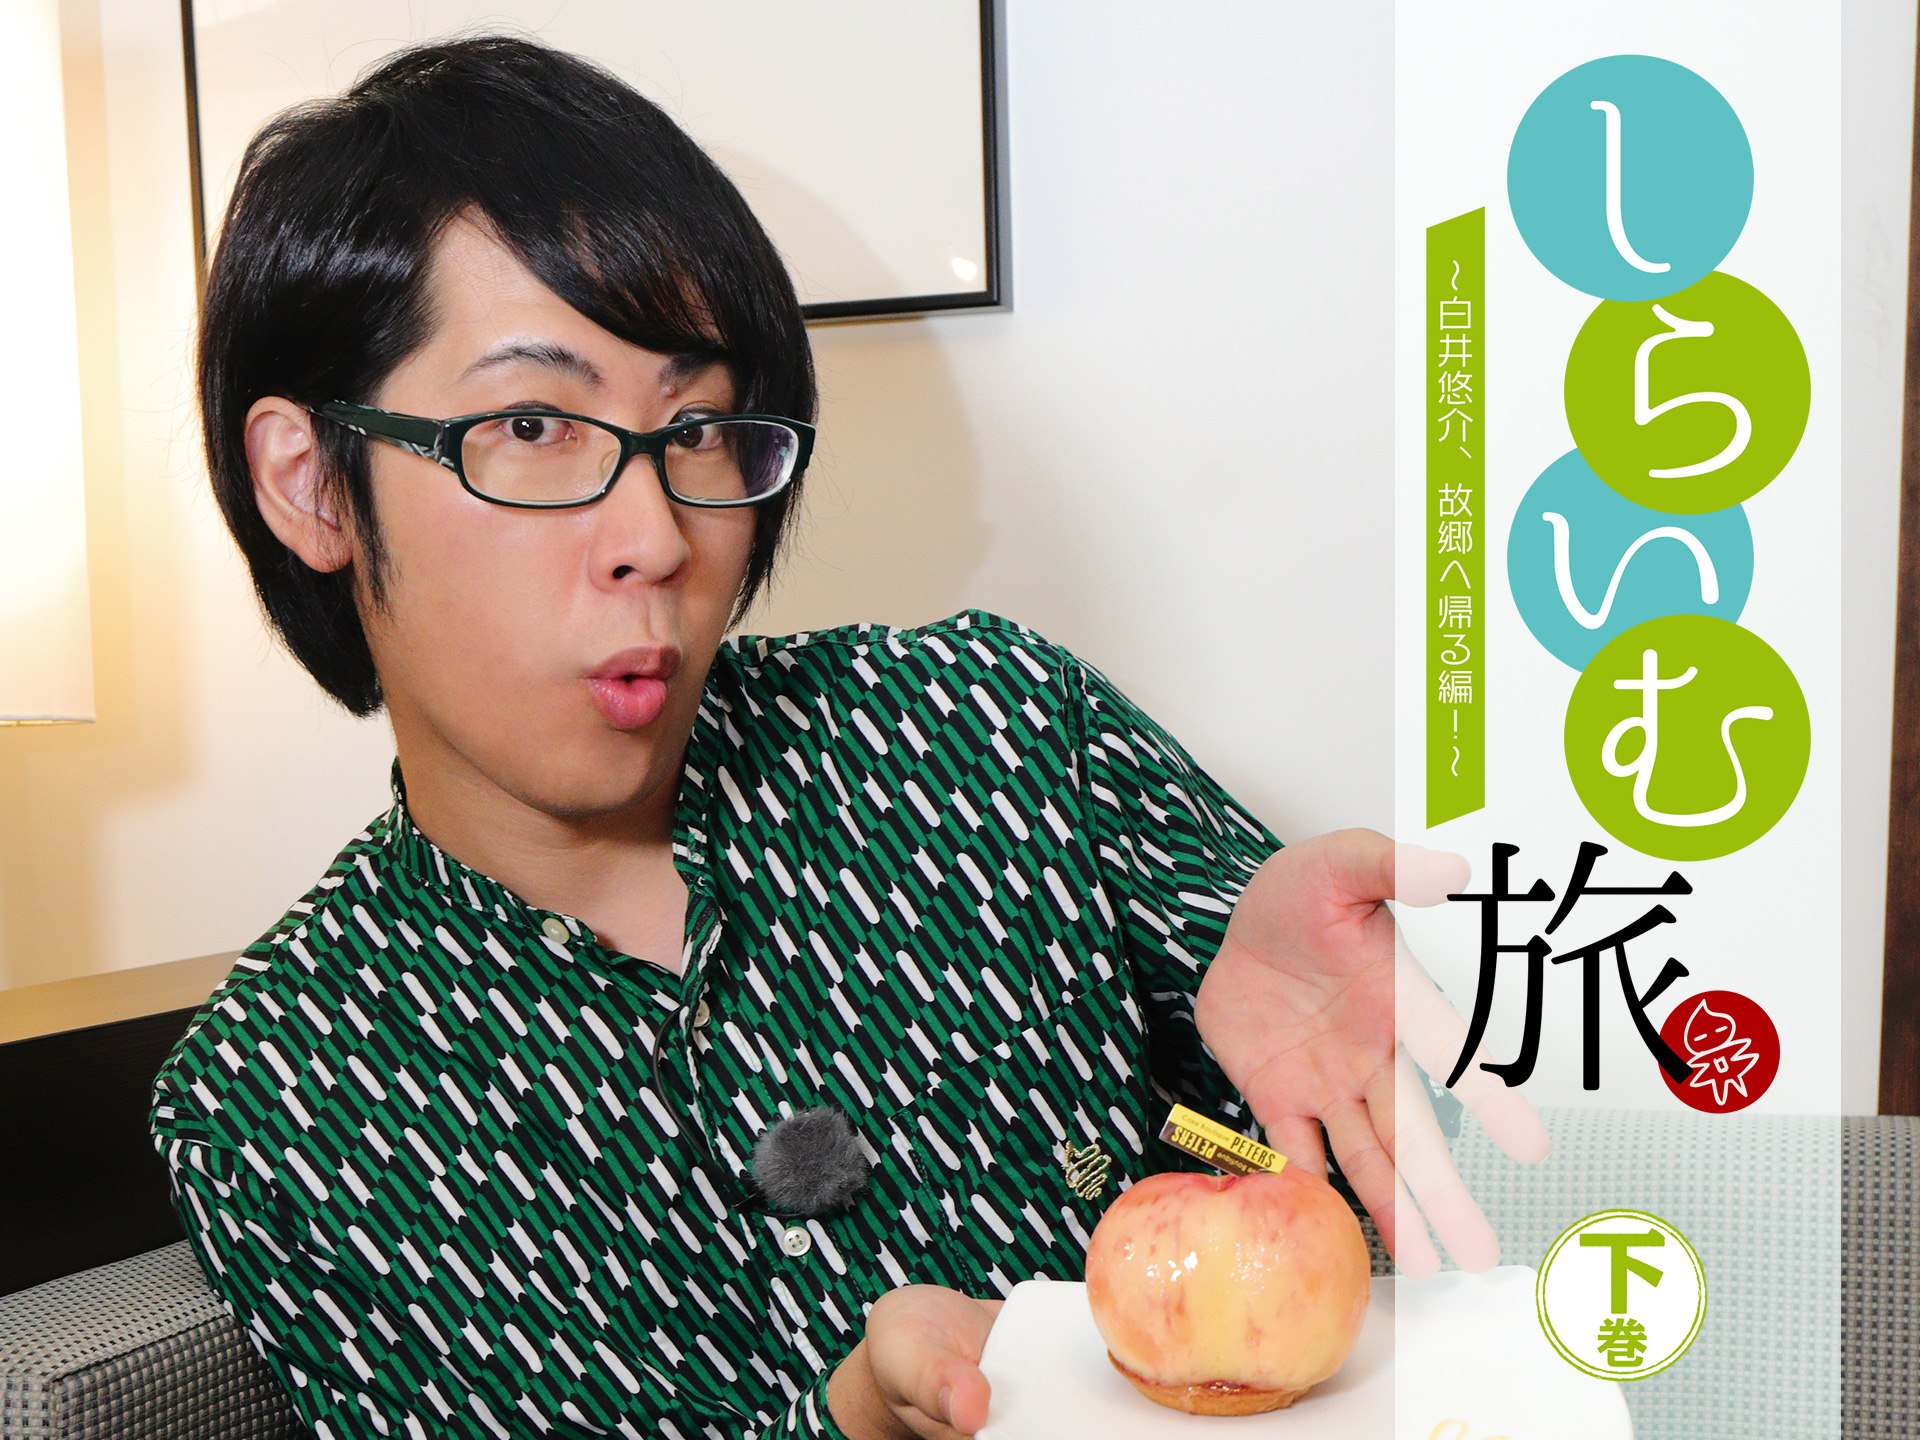 しらいむ旅! ~白井悠介、故郷へ帰る編!~ 下巻